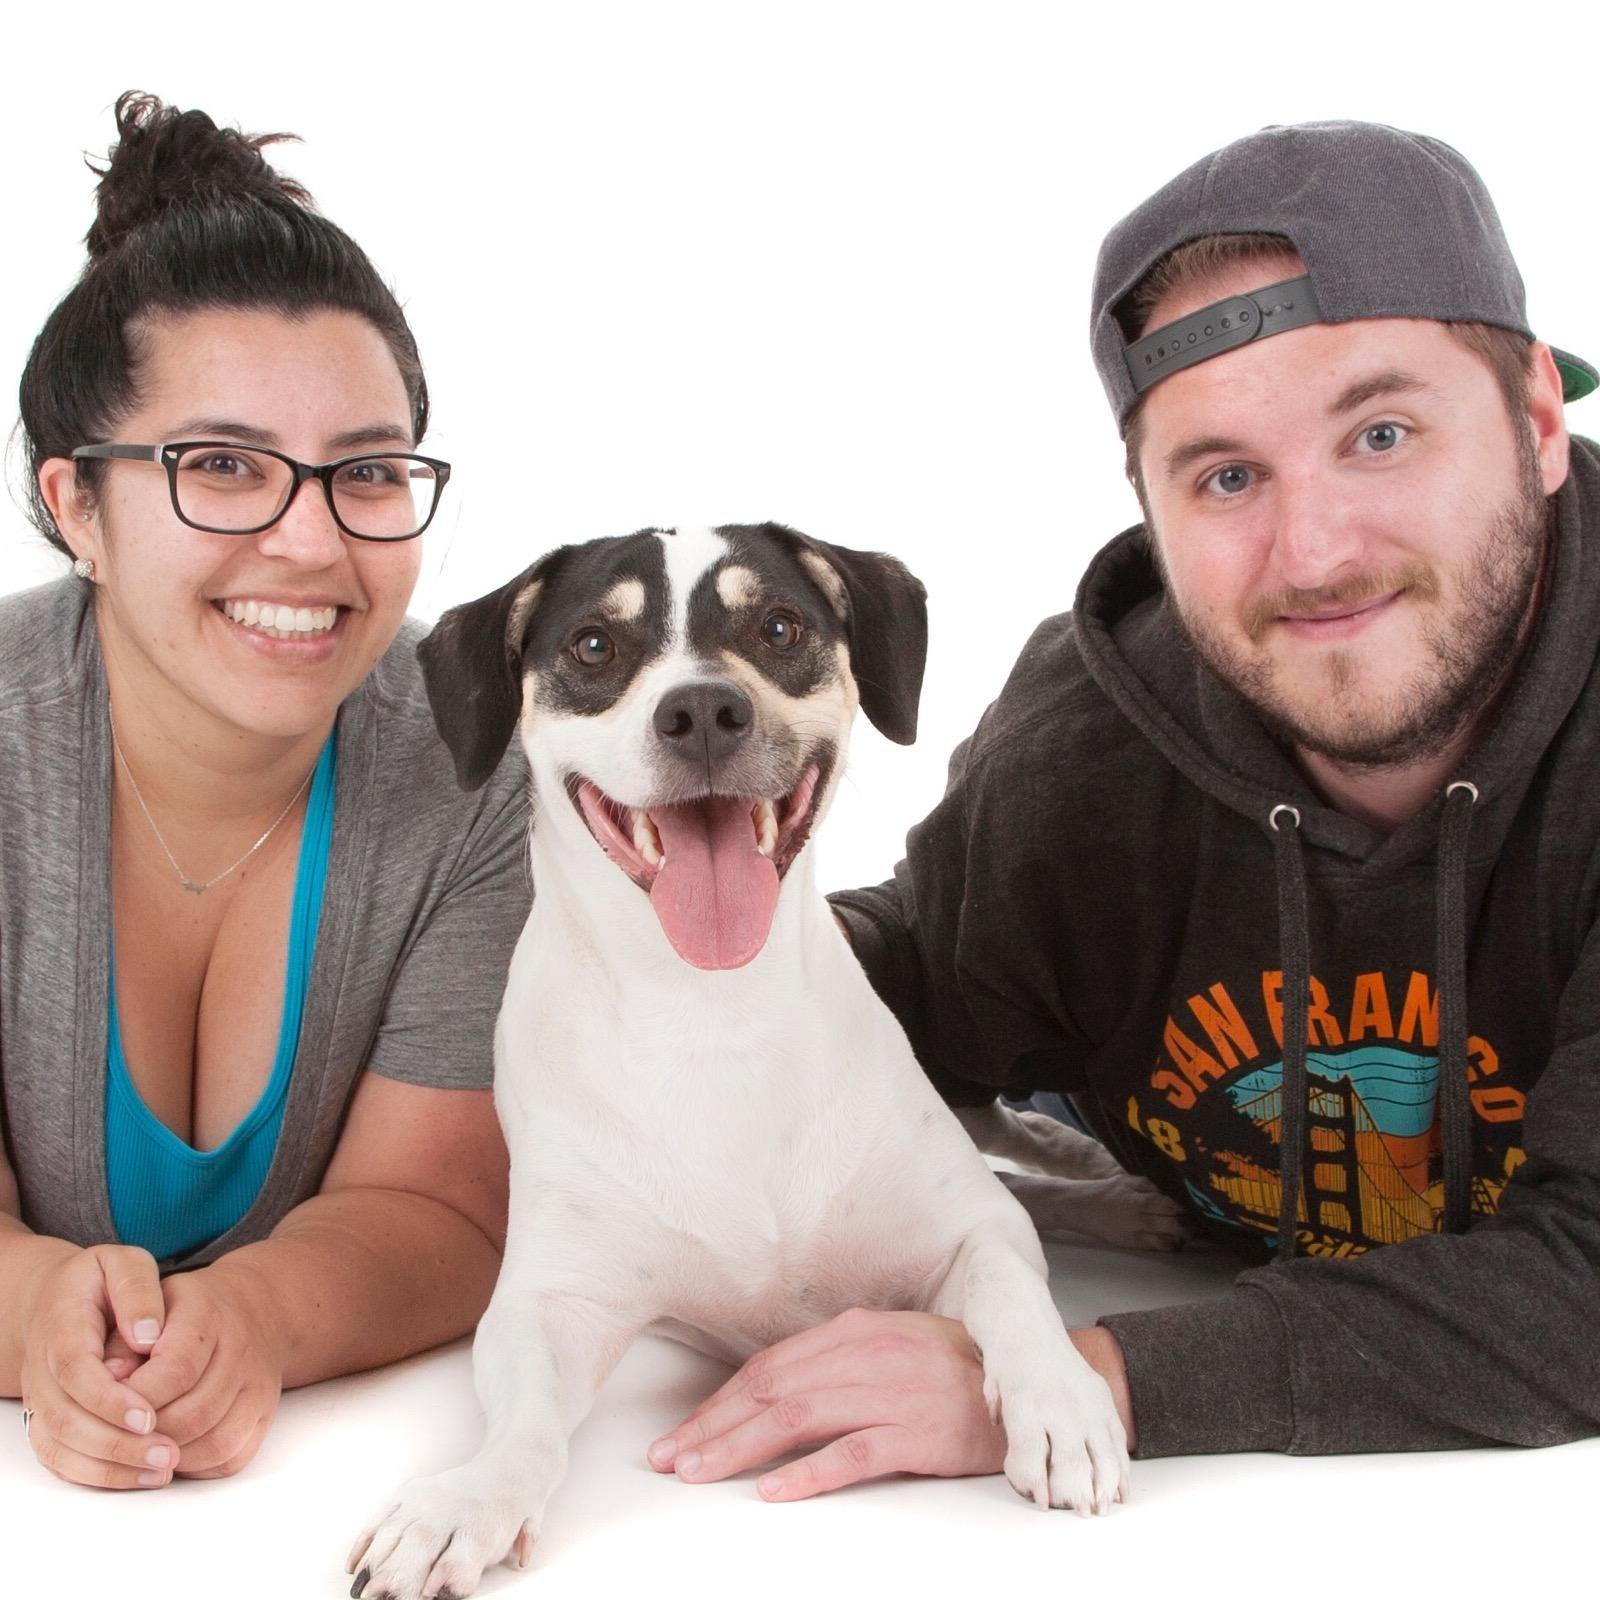 Derek's dog day care